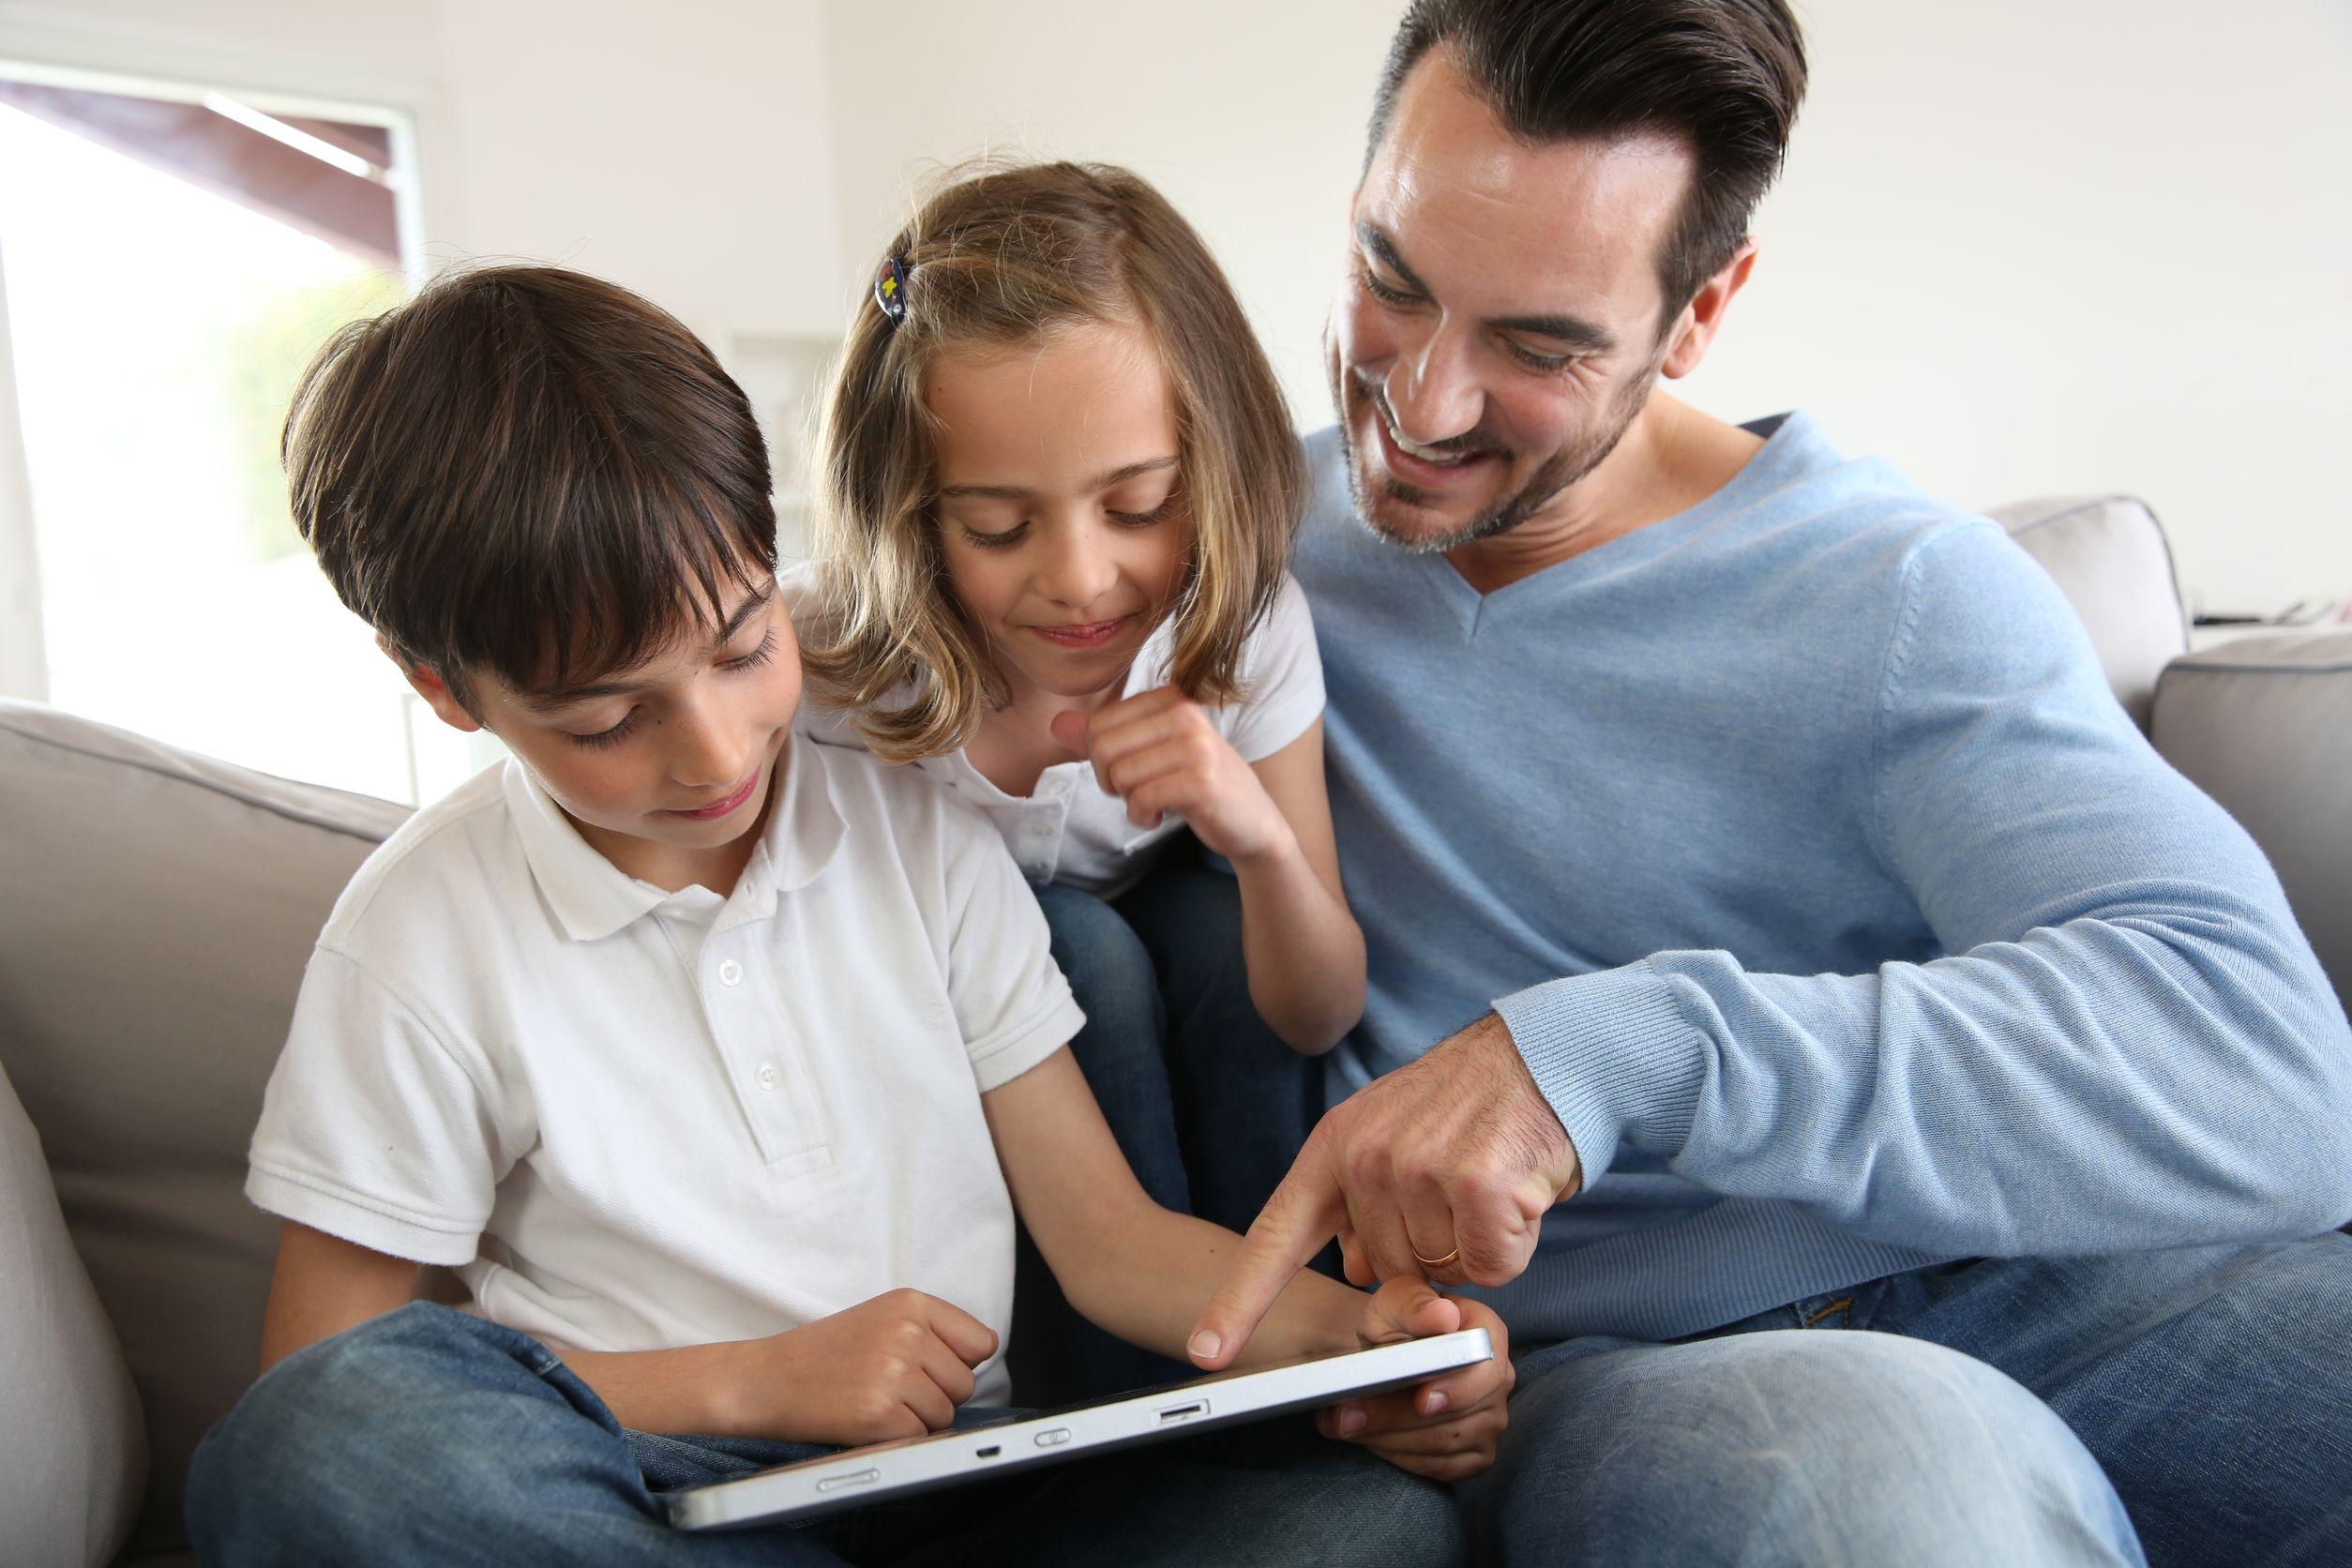 Pai e filhos sentados no sofá. Eles mexem em um tablet. Menina e menino usam camisetas brancas. Pai usa blusa azul de mangas longas.